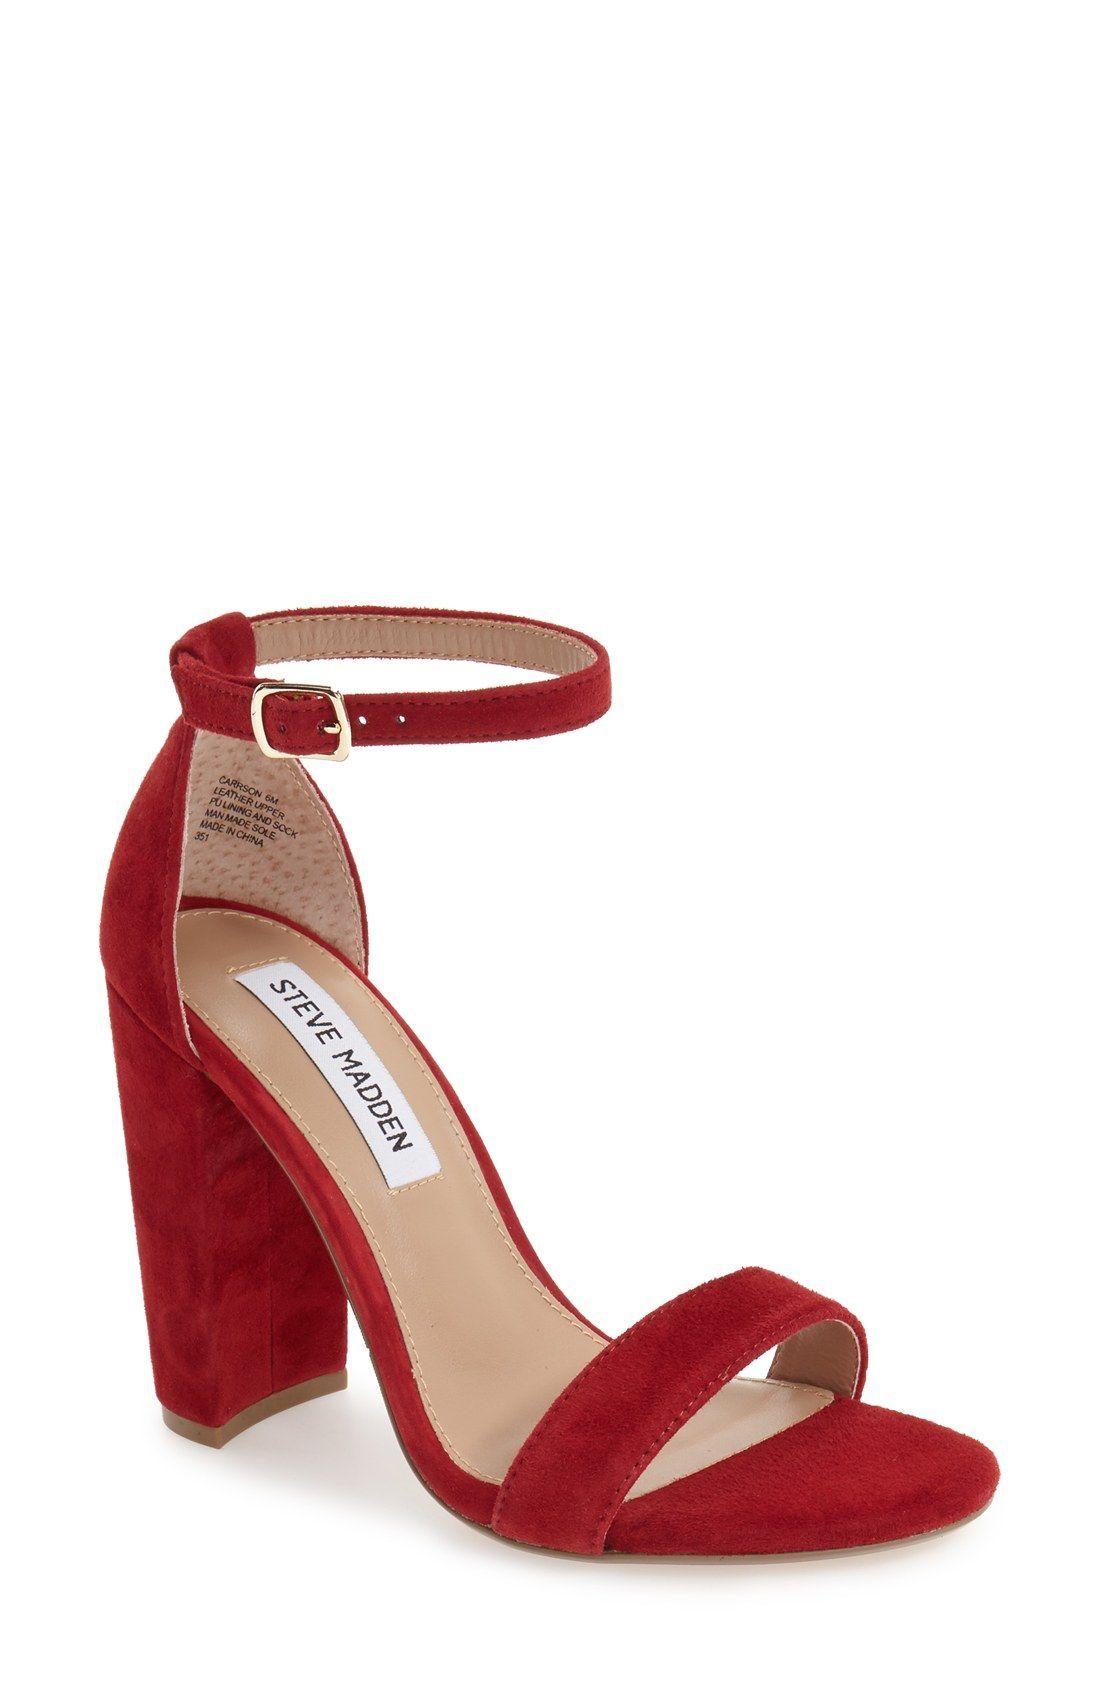 31759c27e3 CARRION by Steve Madden Block Heel and Ankle Strap. Velvet High Heel, Comes  in… #velvetshoeshighheels